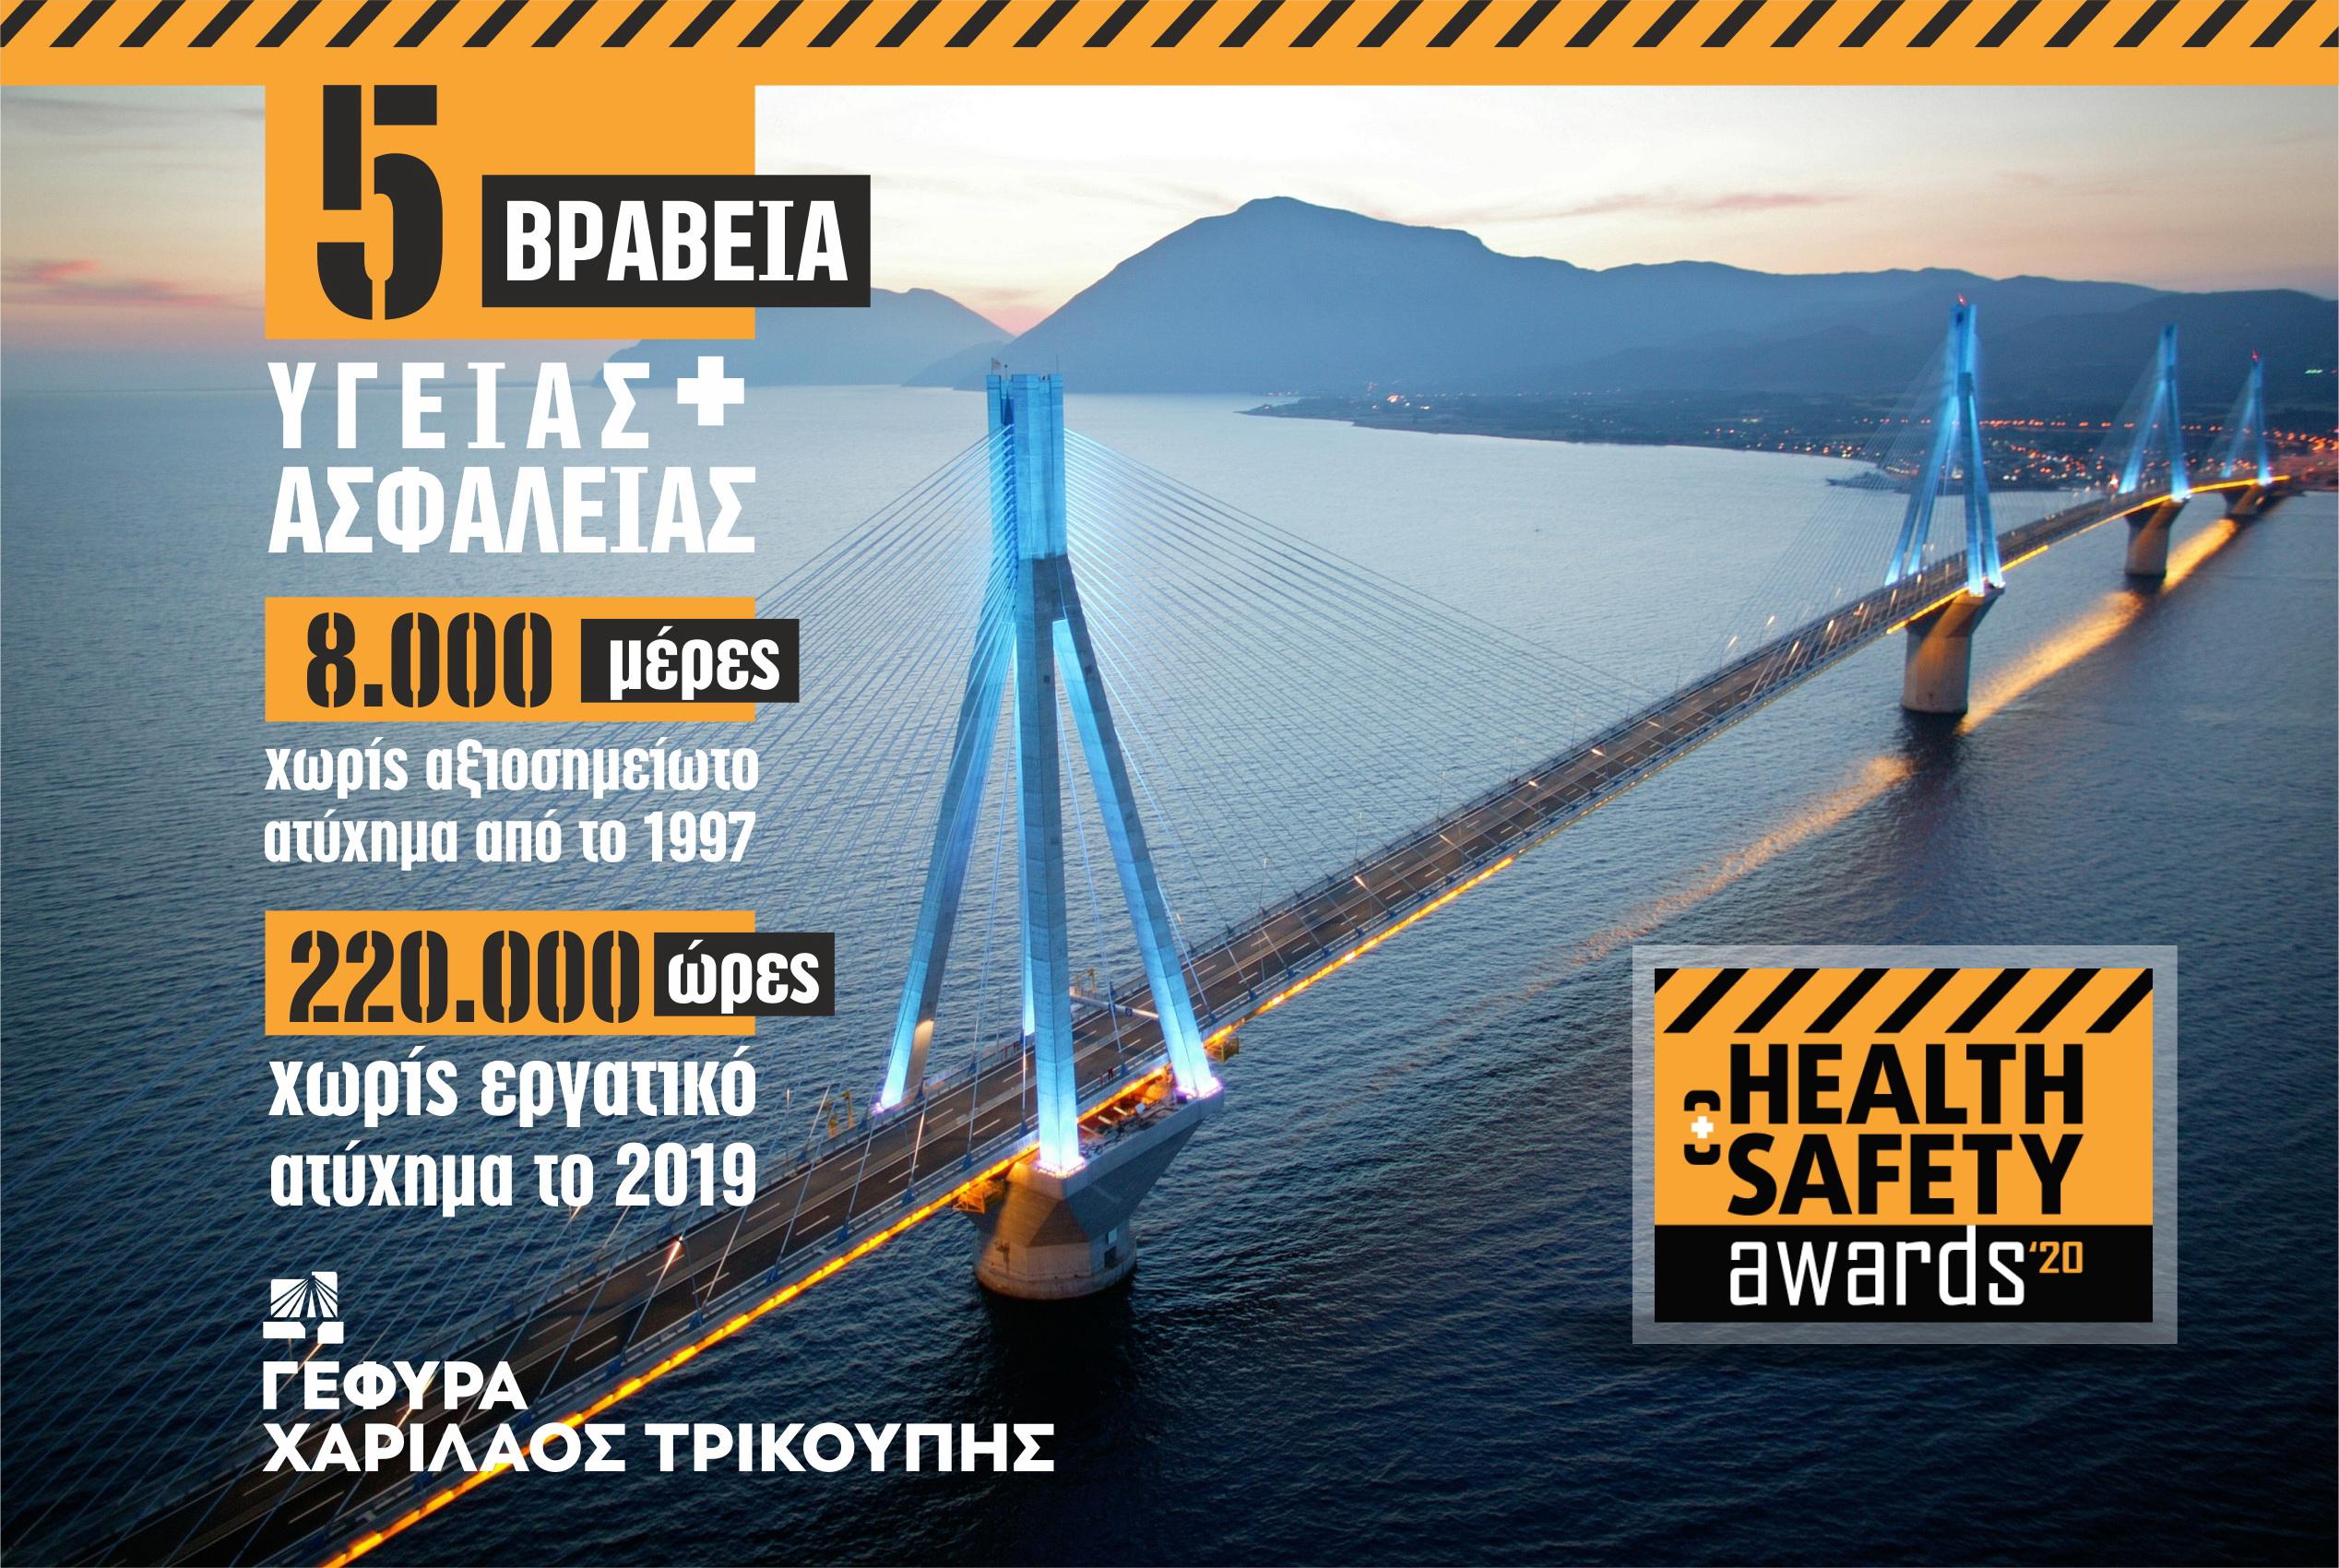 ΒΡΑΒΕΙΑ ΥΓΕΙΑΣ & ΑΣΦΑΛΕΙΑΣ 2020